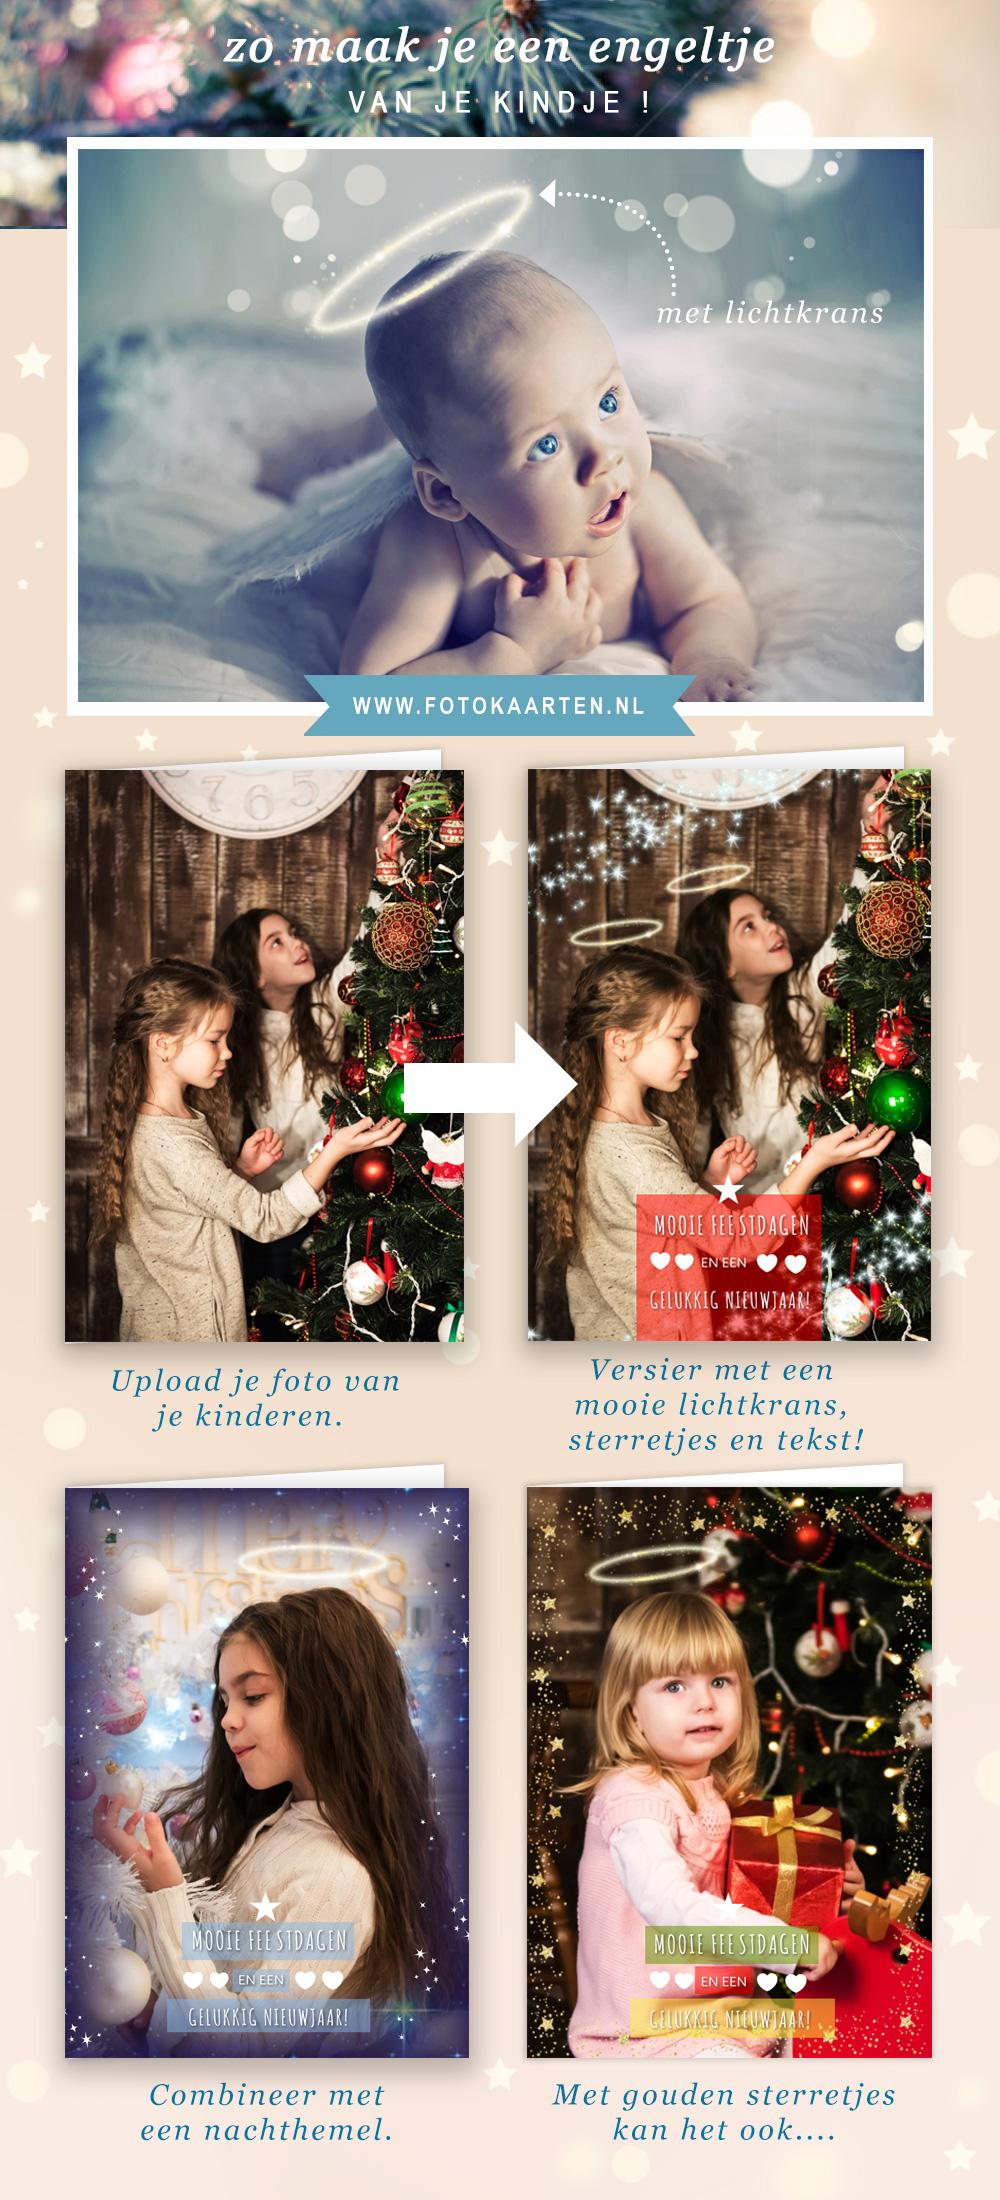 Mooie kerstkaarten laten drukken, goedkoop, wenskaarten, ansichtkaarten, vouwkaarten.